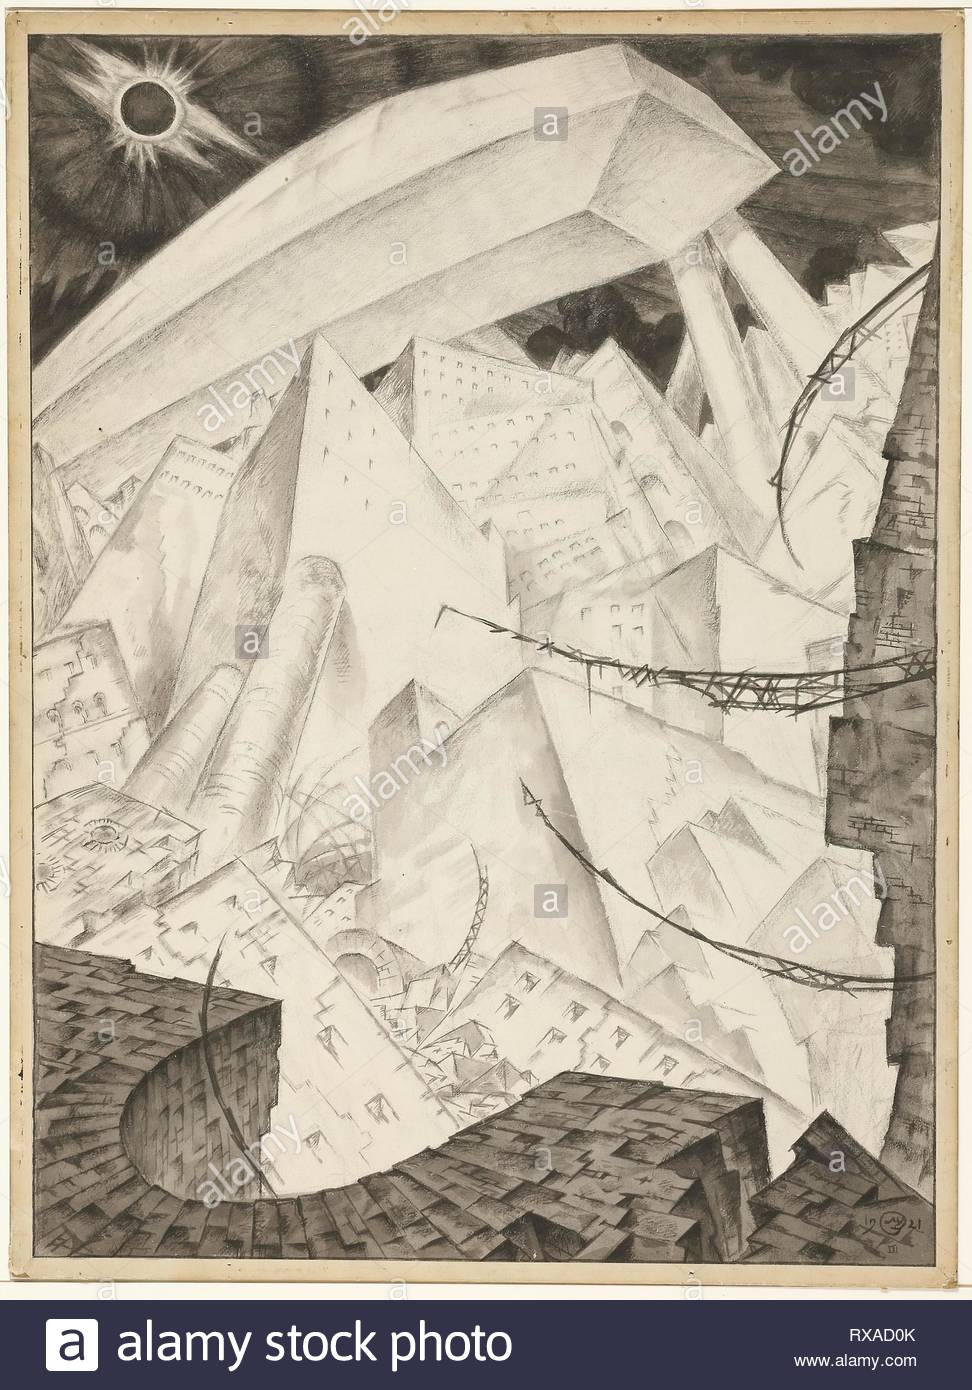 3f9860ac011 The End. Mstislav Valerianovic Dobuzinskij; Russian, 1875-1957. Date: 1921